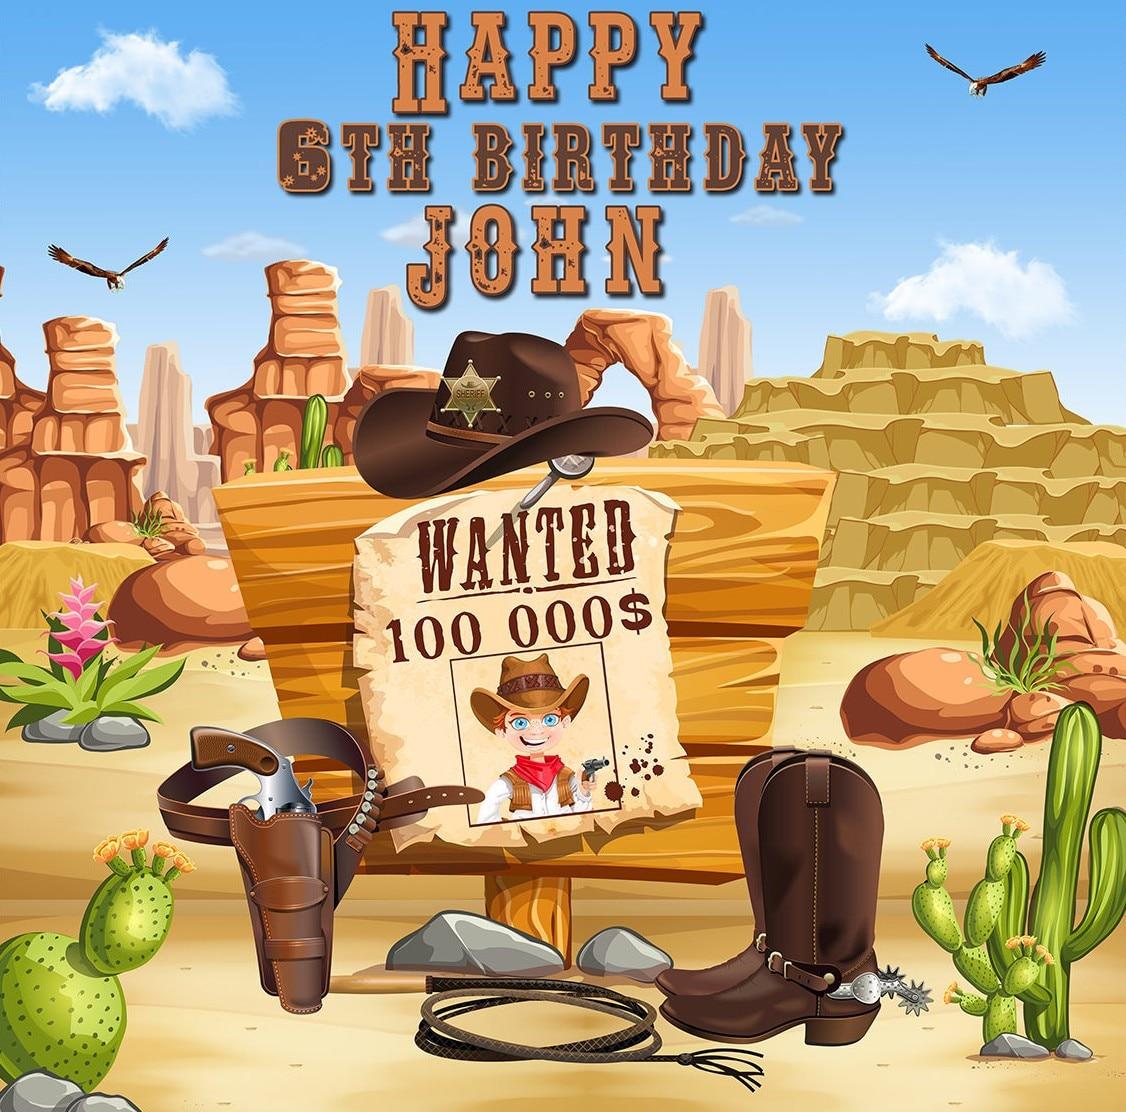 Cowboy personnalisés D'anniversaire wild west cactus photo toile de fond Haute qualité Ordinateur imprimer parti photographie fond de studio